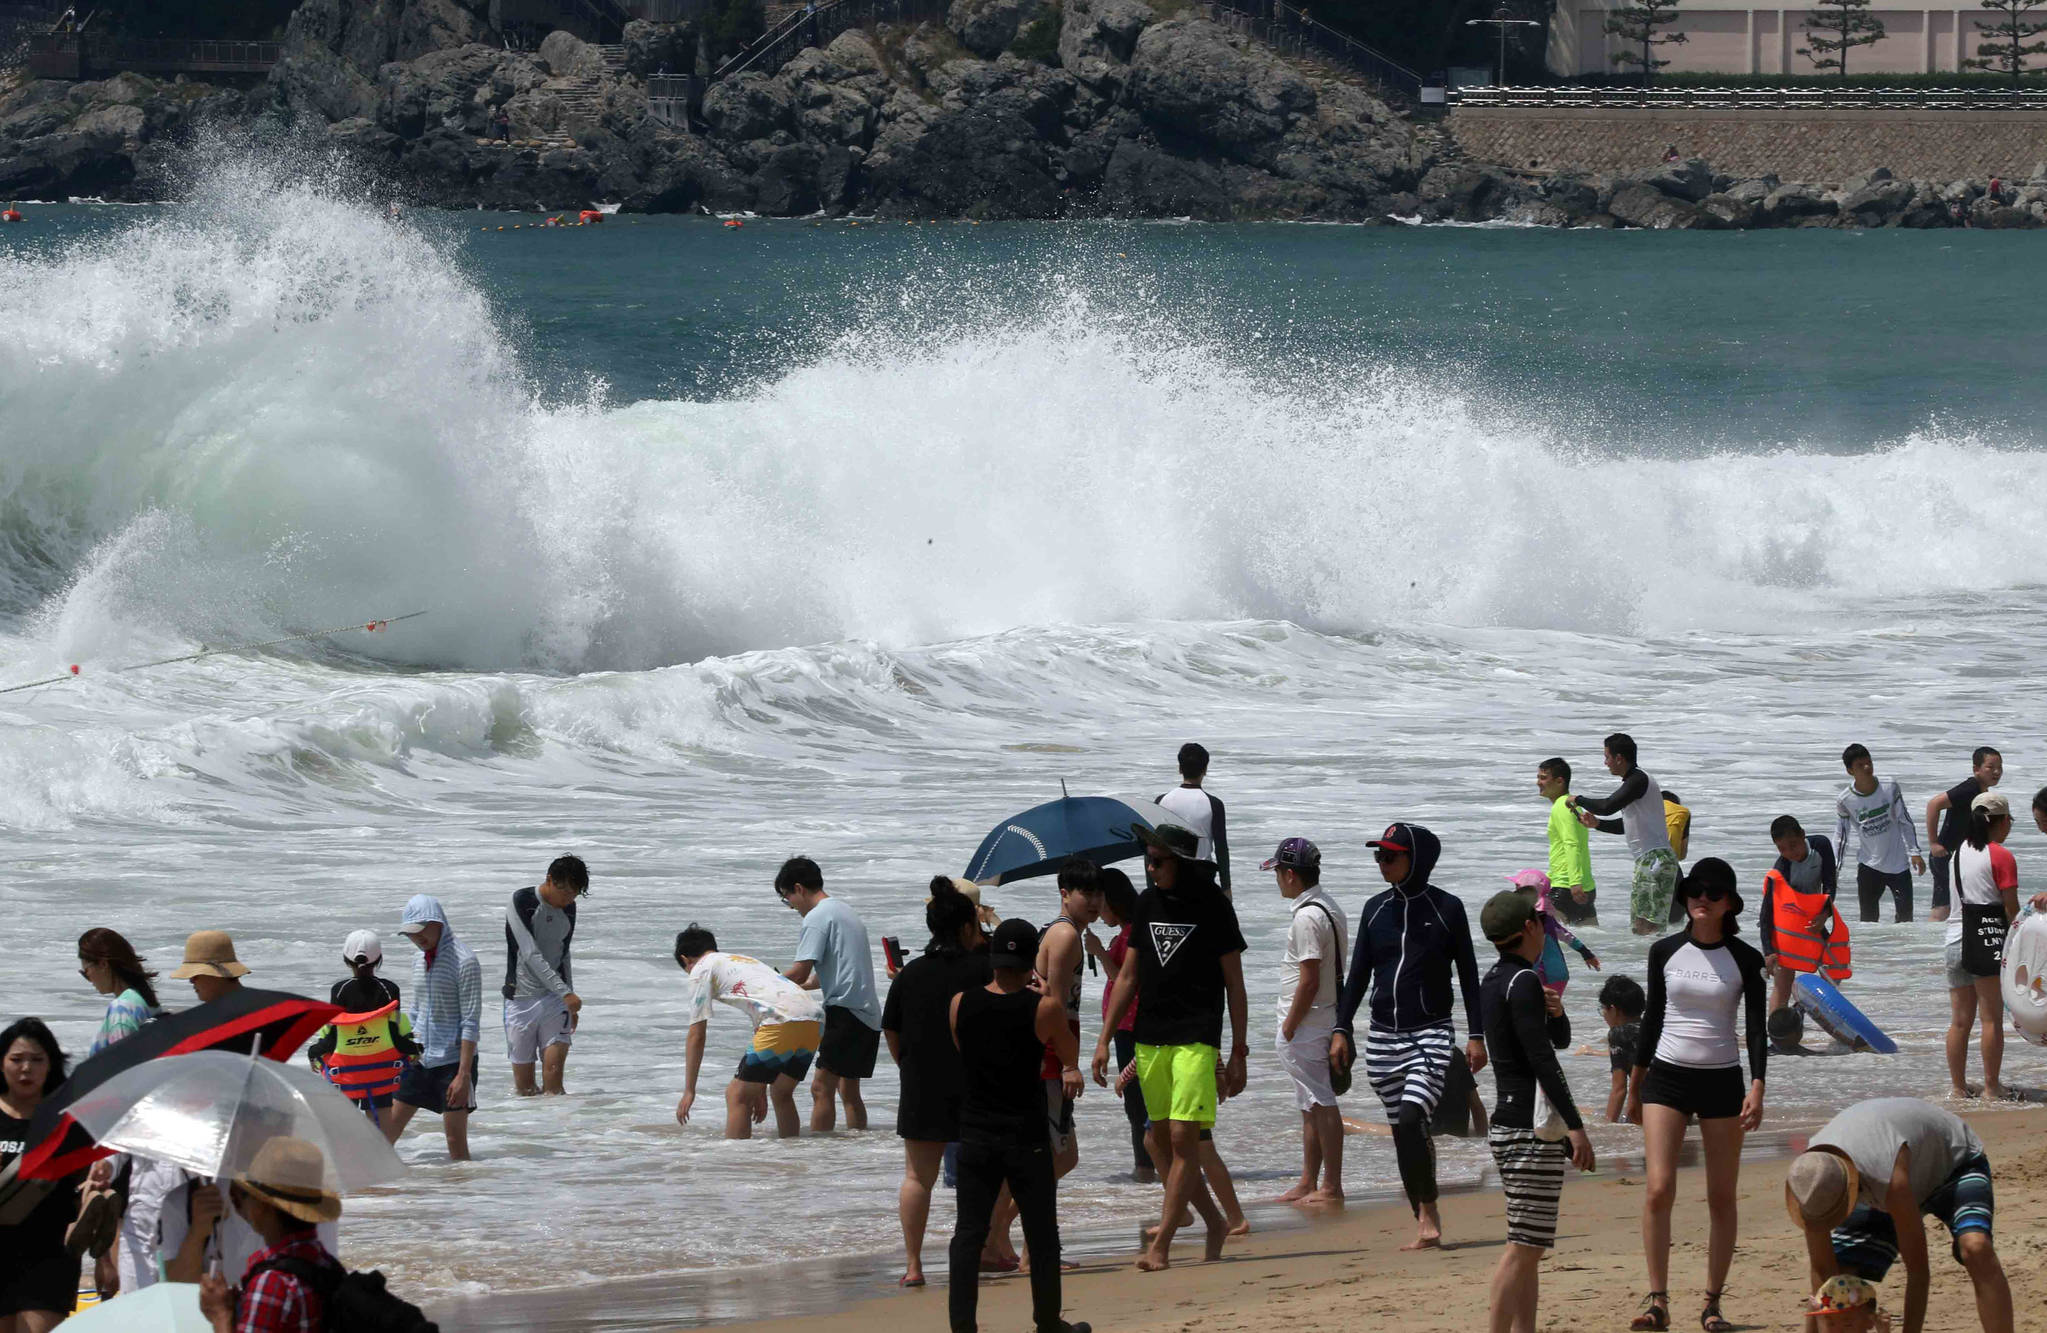 이안류(역파도)가 발생해 피서객들의 입욕이 금지된 2017년 8월 1일 부산 해운대해수욕장의 모습. 이안류는 해류가 해안에서 급속하게 바다 쪽으로 빠져나가면서 발생한다. [중앙포토]